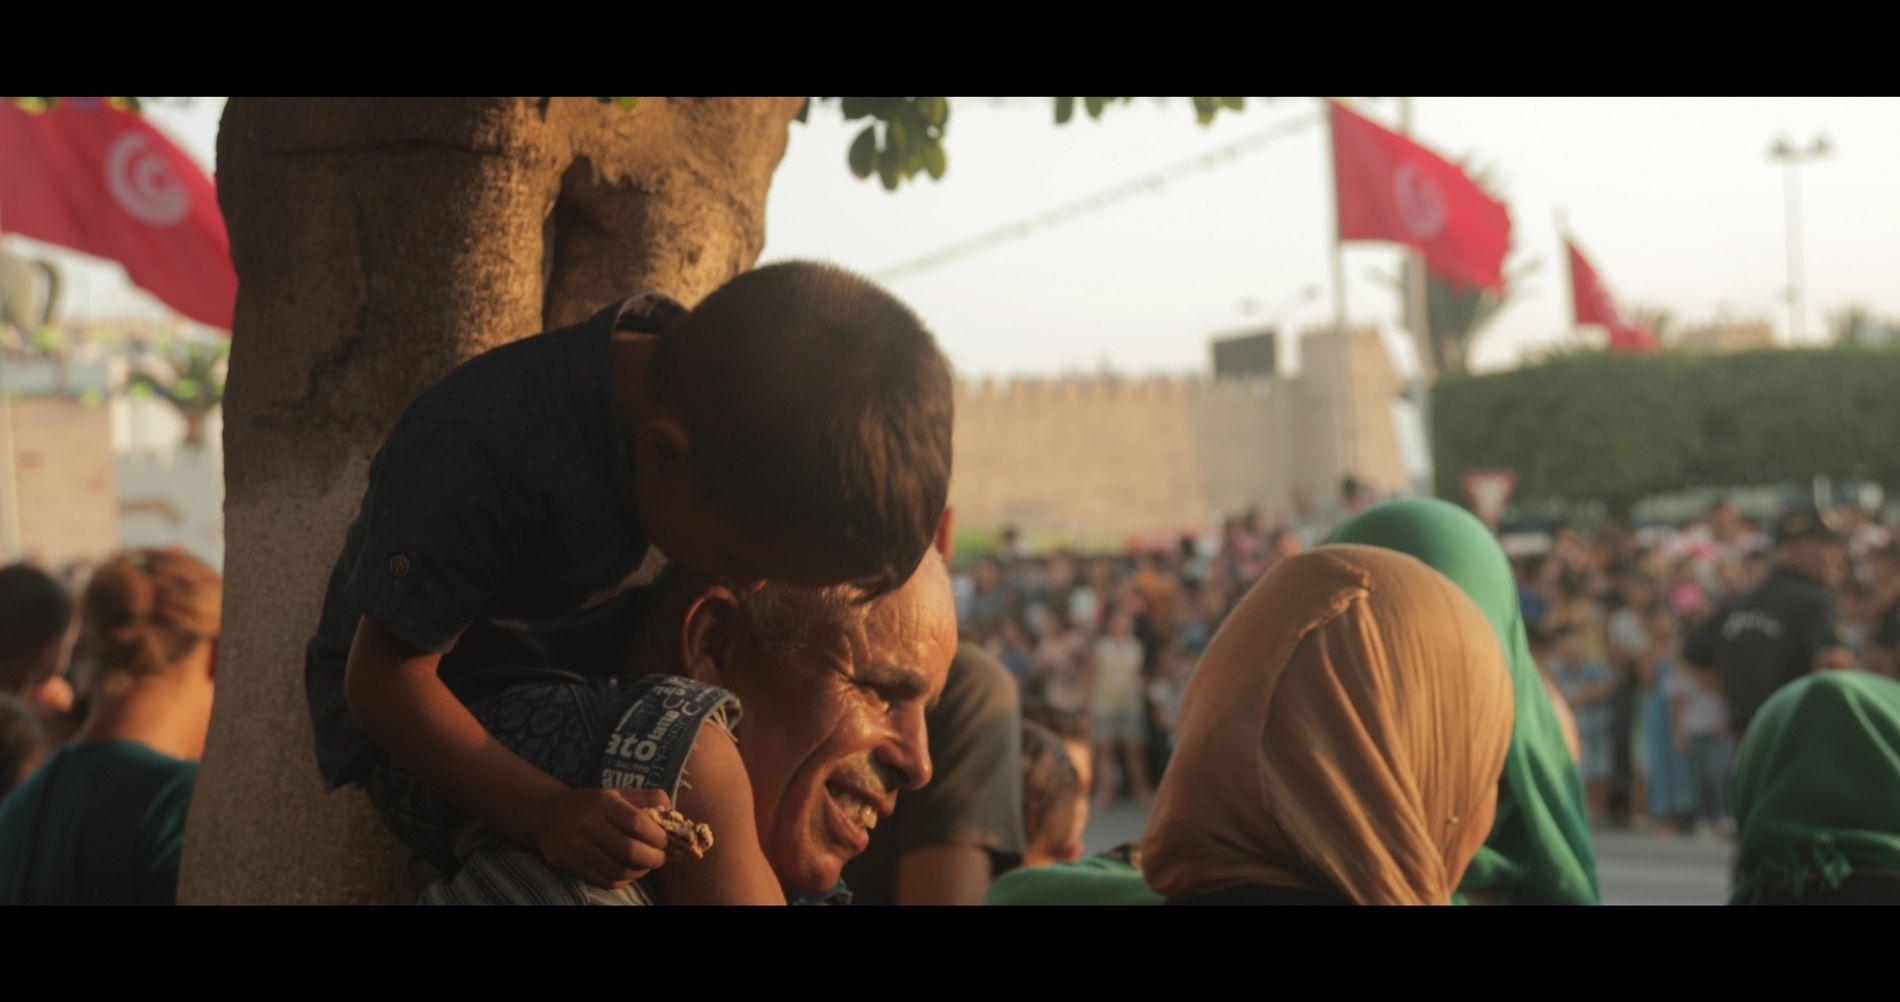 Visages - Carnaval de Sousse, Tunisie, 2018.